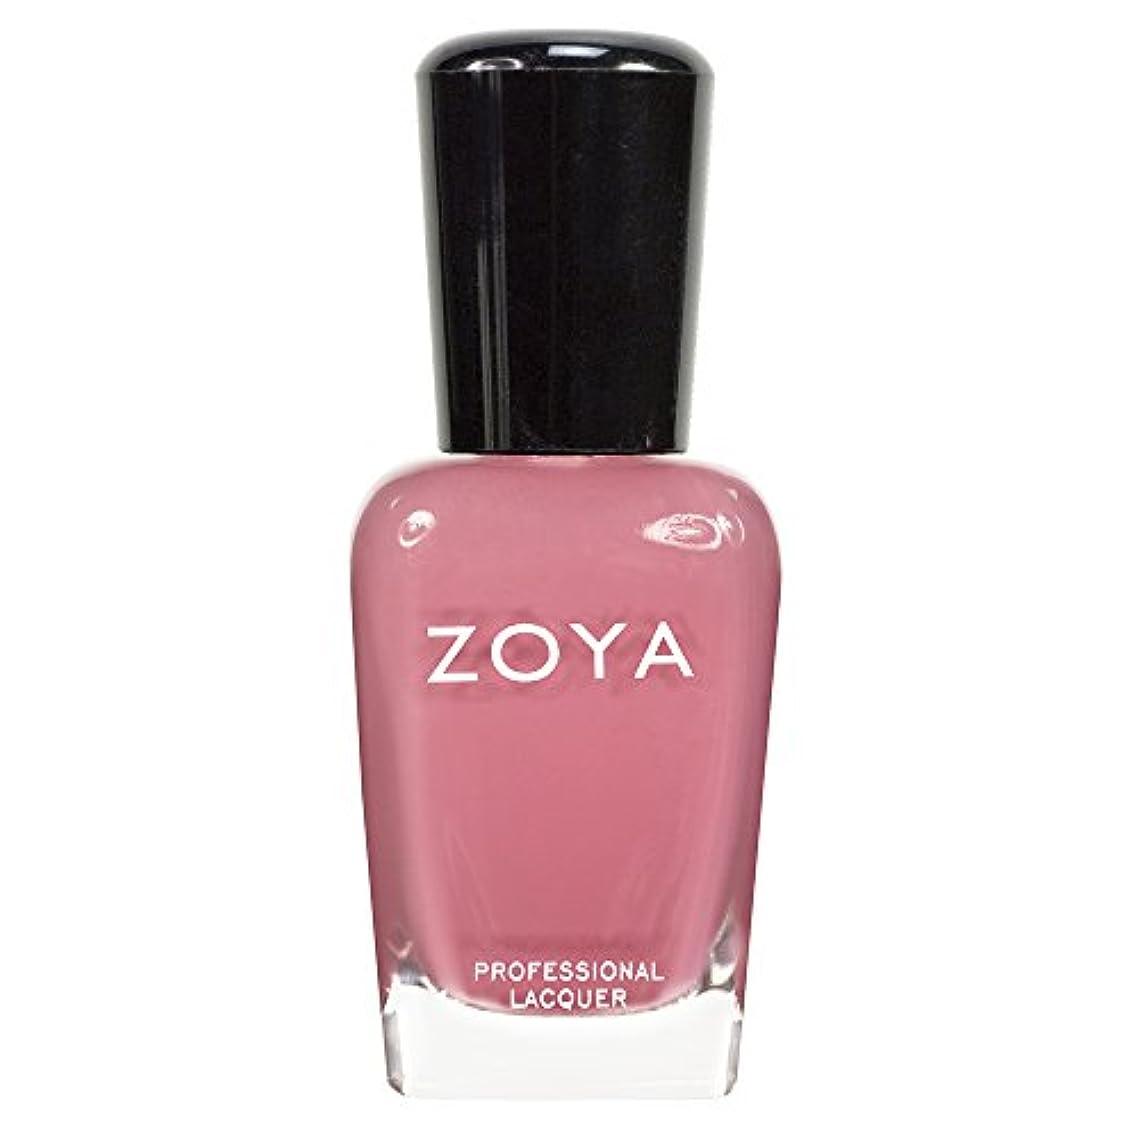 曖昧な表示ぺディカブZOYA ゾーヤ ネイルカラーZP436 ZANNA ザンナ  15ml 淡いモーブピンク マット 爪にやさしいネイルラッカーマニキュア